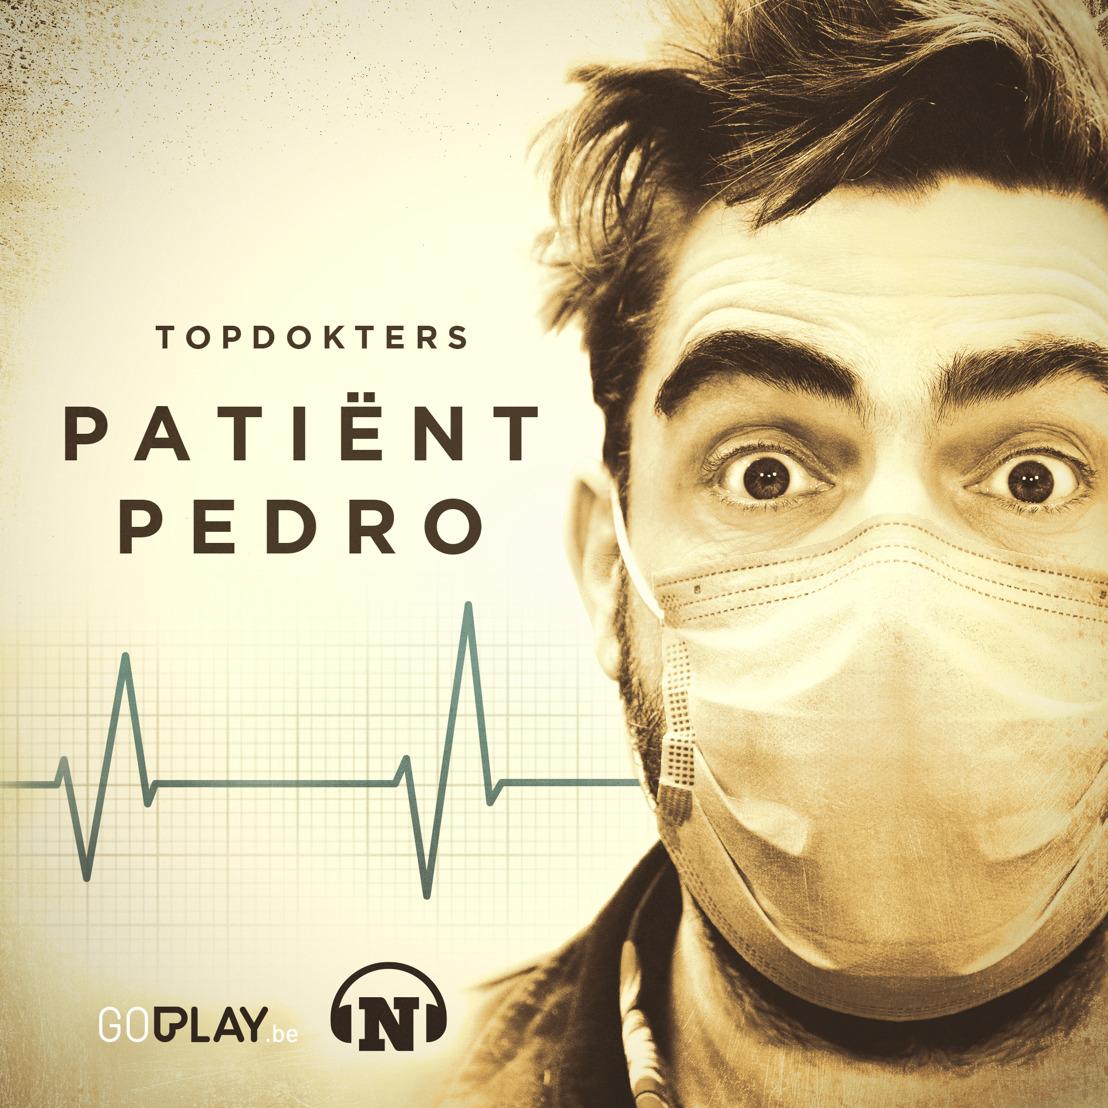 Vanaf maandag laat Pedro Elias zich binnenste buiten keren door verschillende Topdokters in de podcast Topdokters - Patiënt Pedro